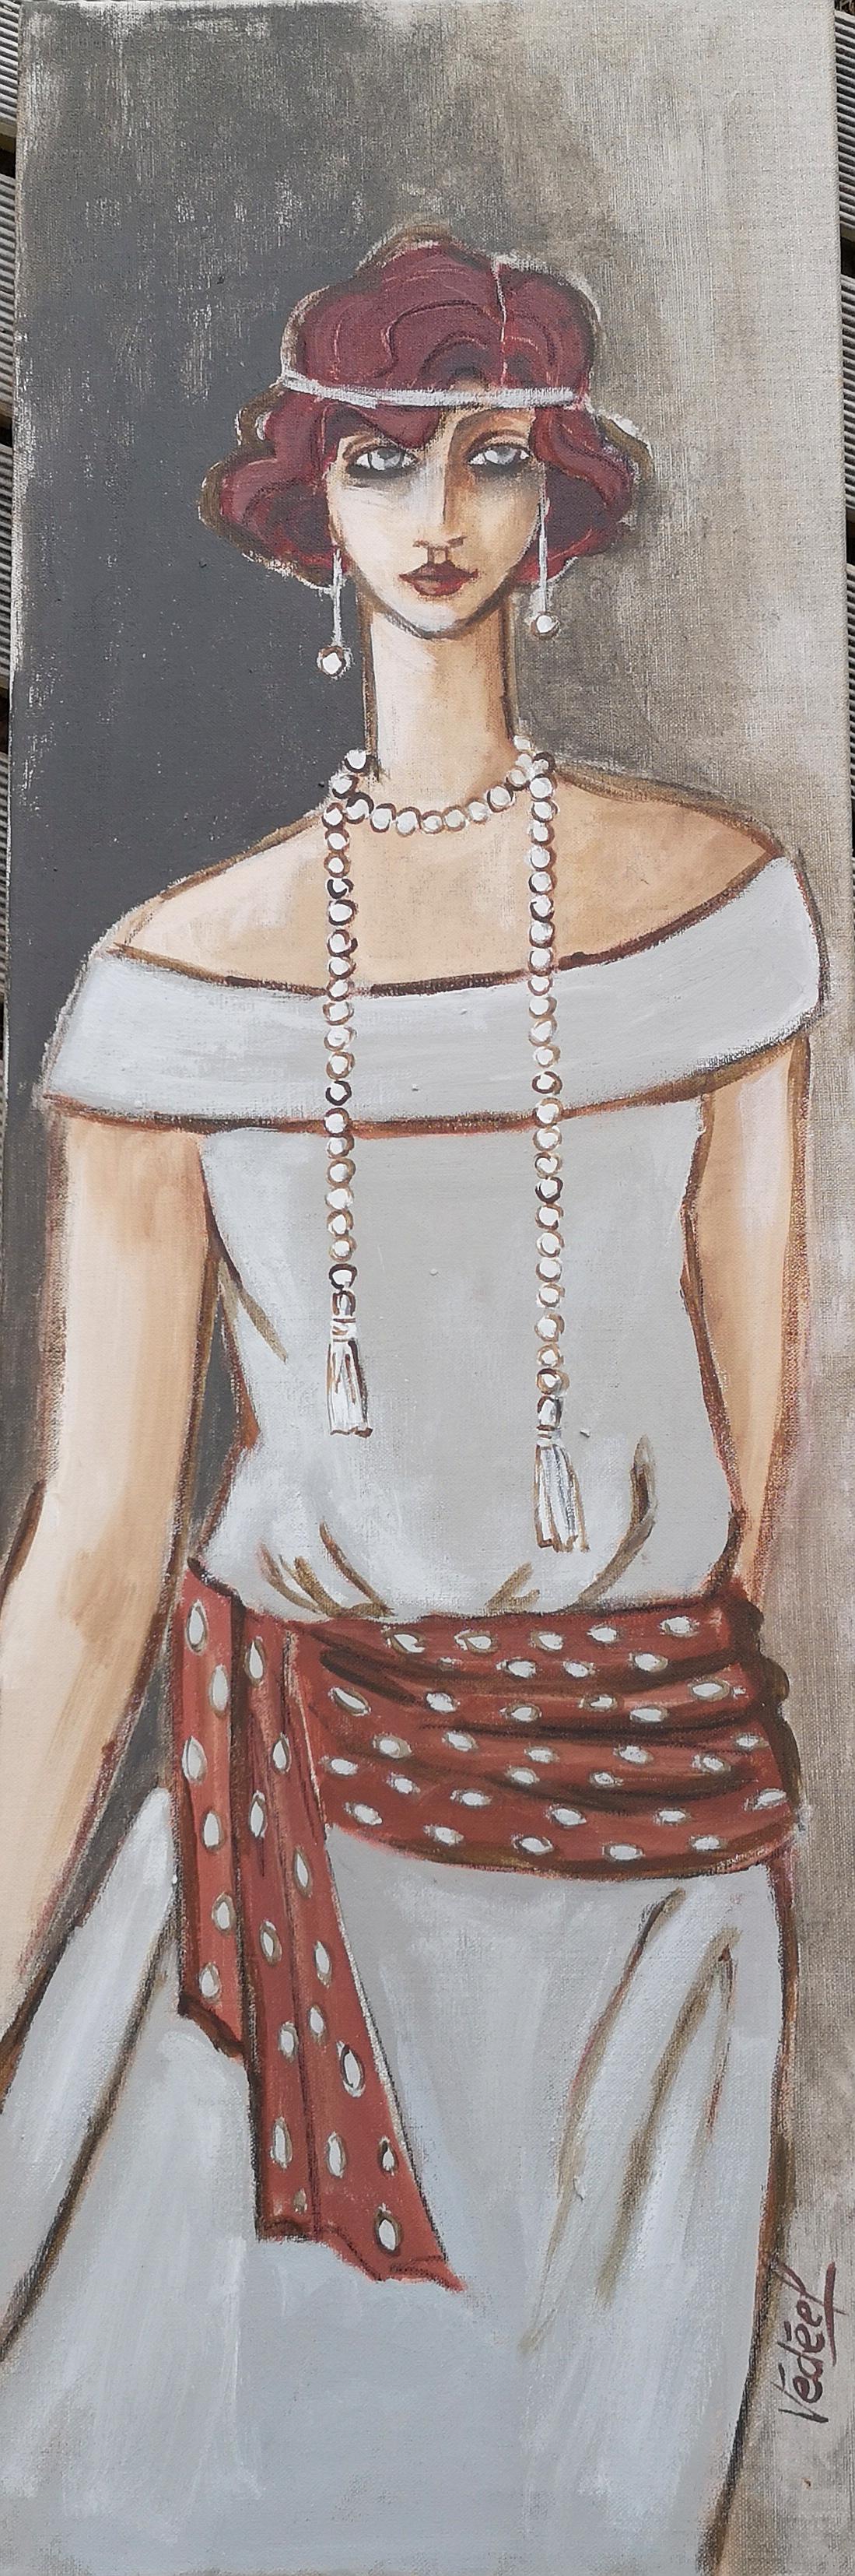 Les années 30 - 2 -  acrylique sut toile